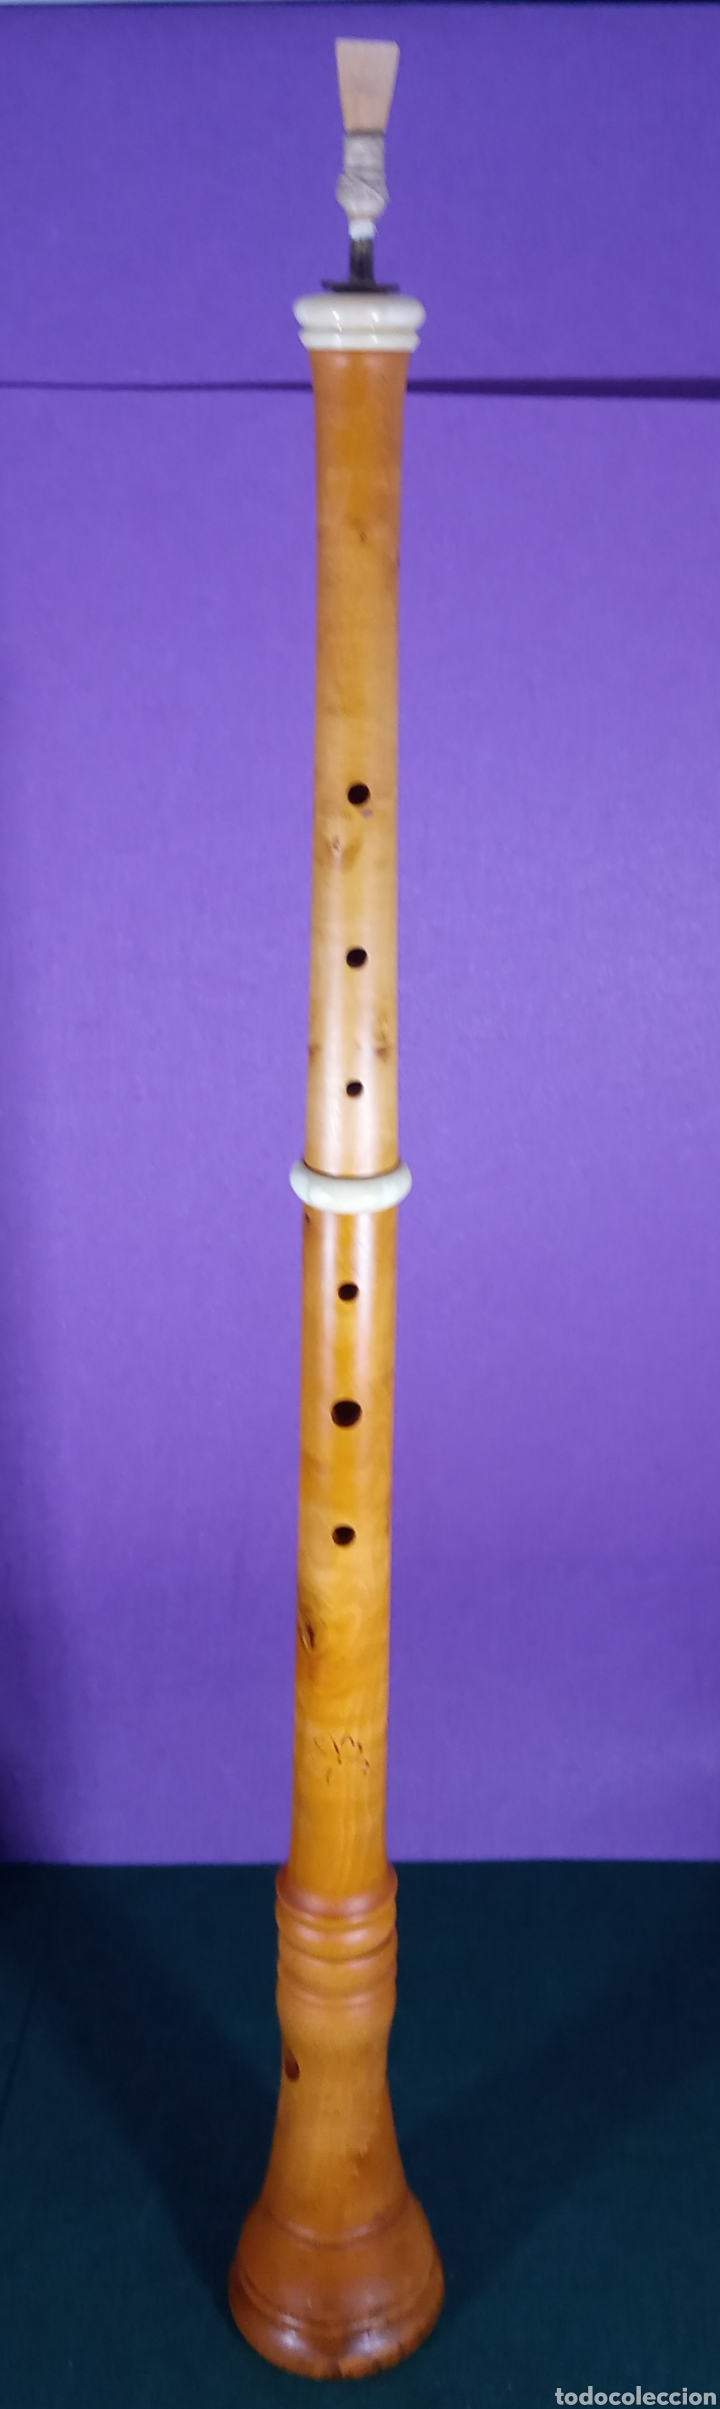 Instrumentos musicales: Tarota. Madera de boj. - Foto 5 - 189616875